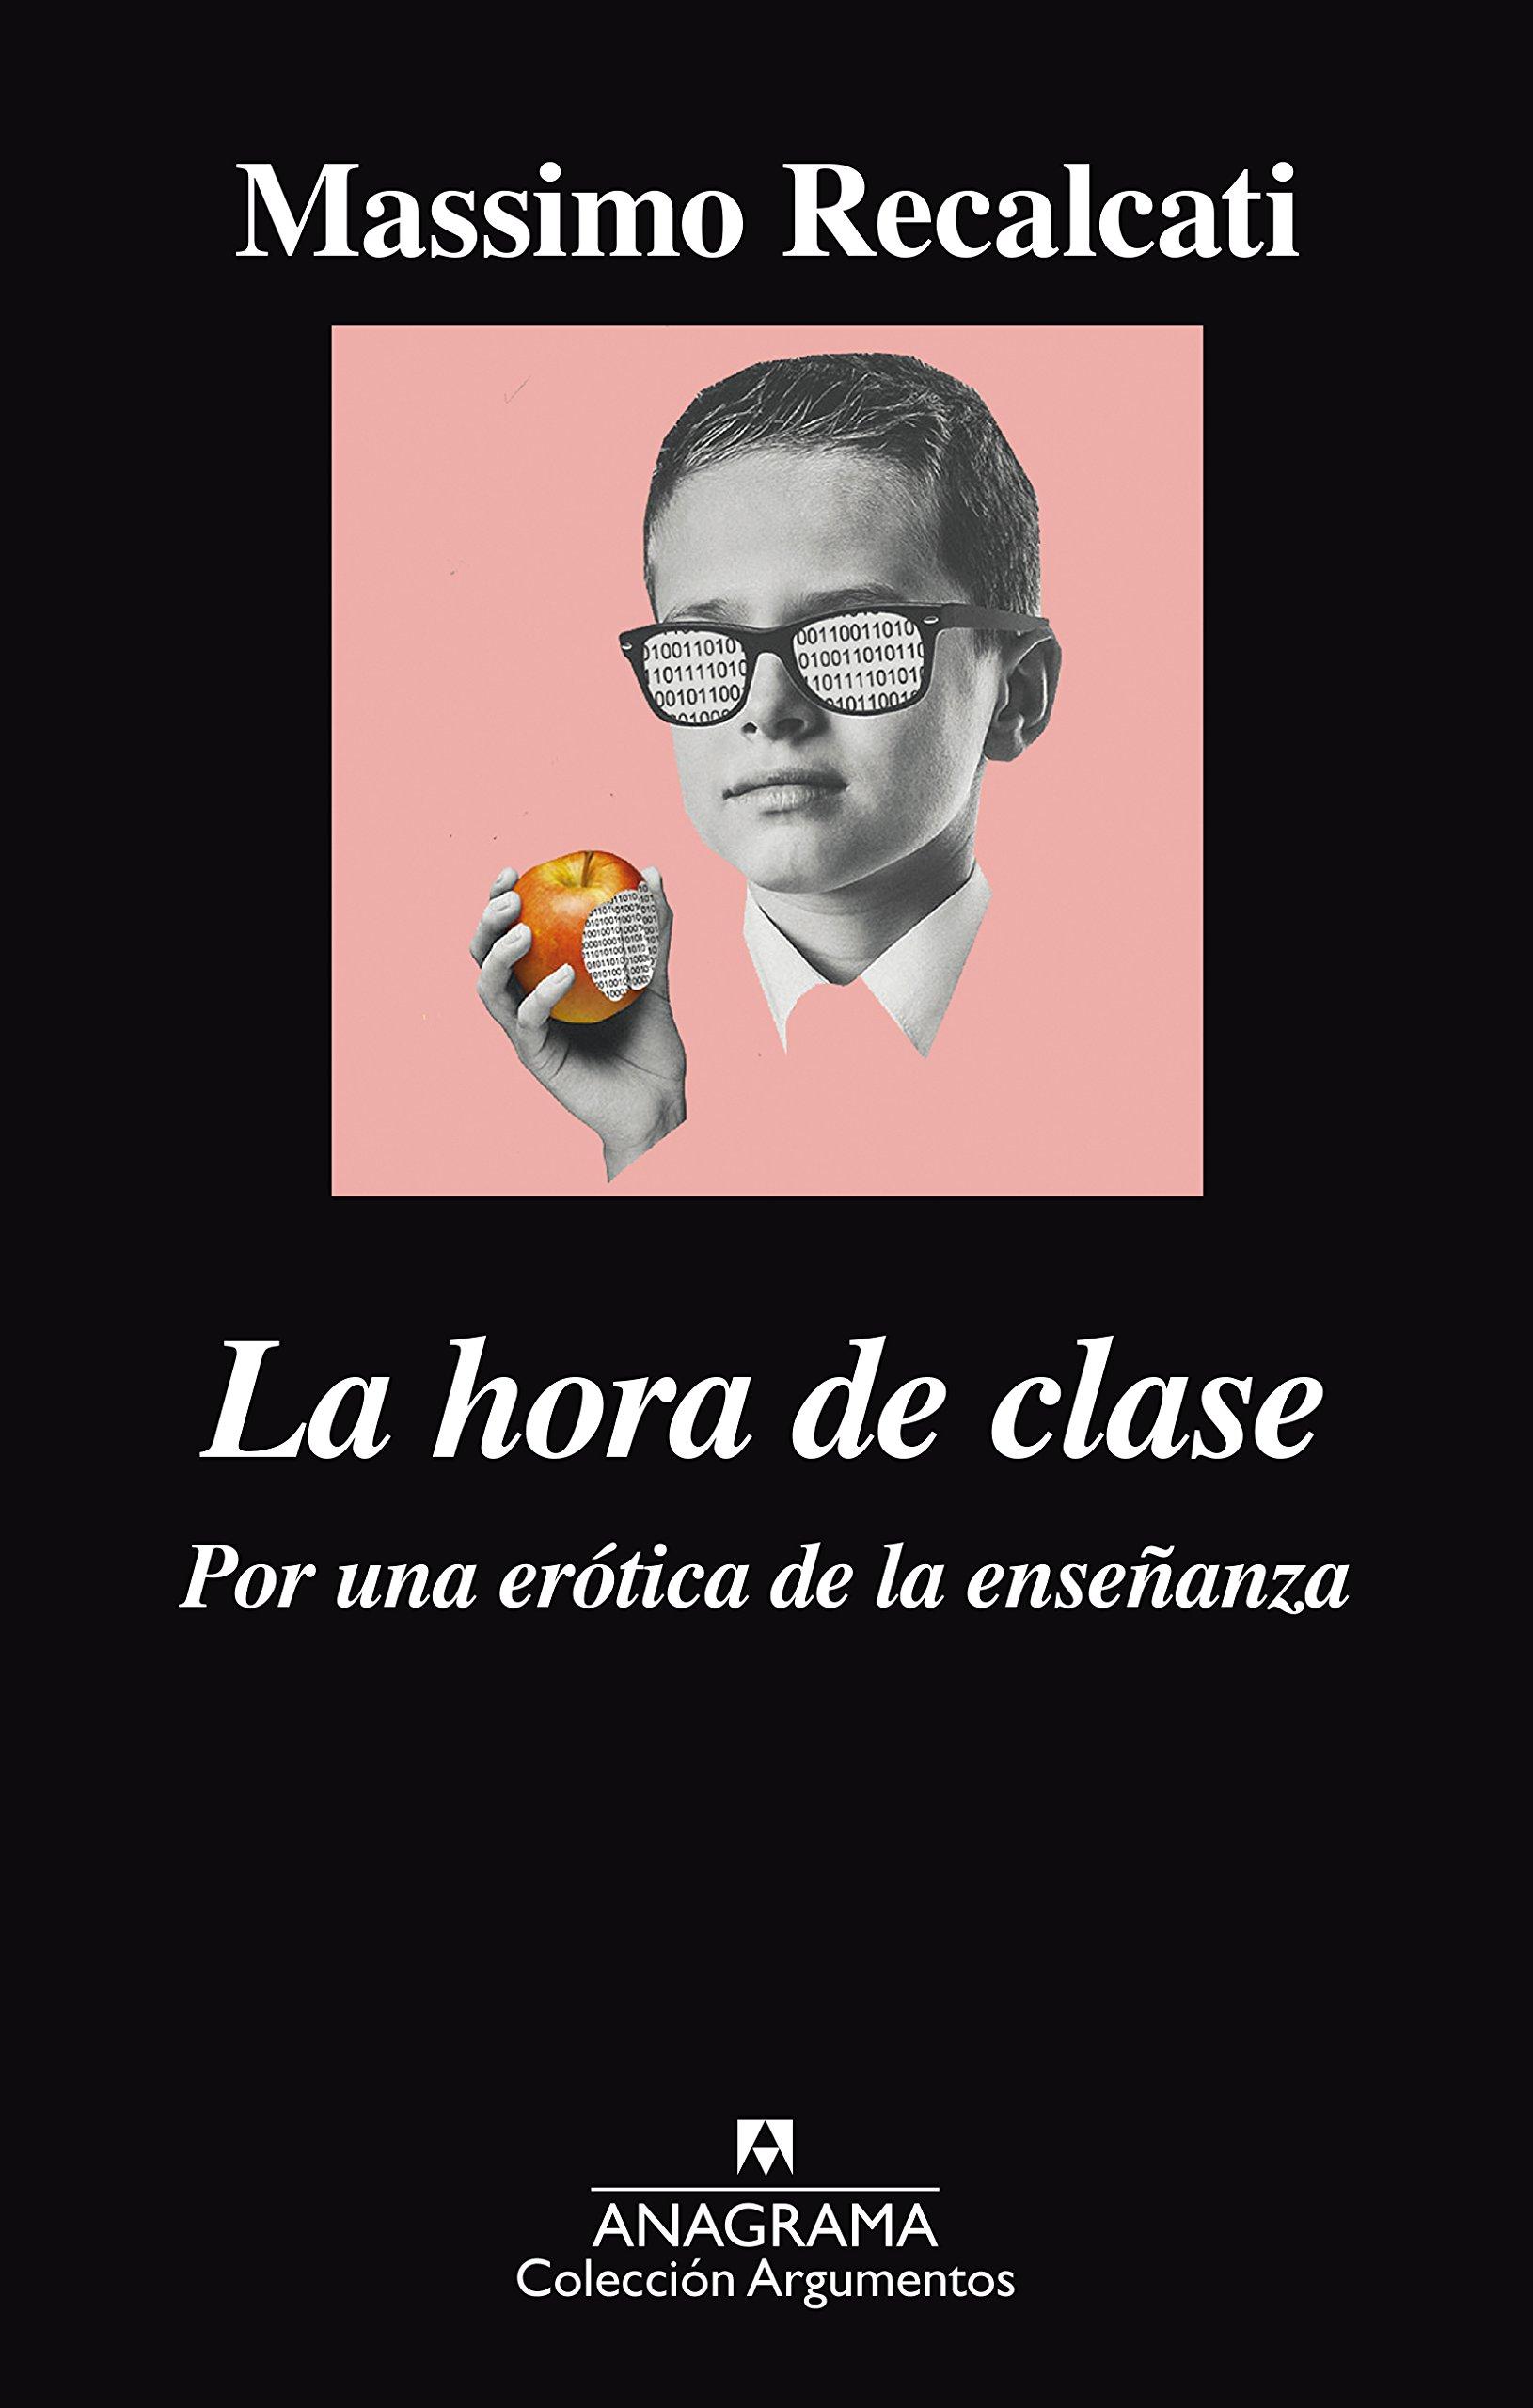 La hora de clase: Por una erótica de la enseñanza Argumentos: Amazon.es:  Massimo Recalcati: Libros